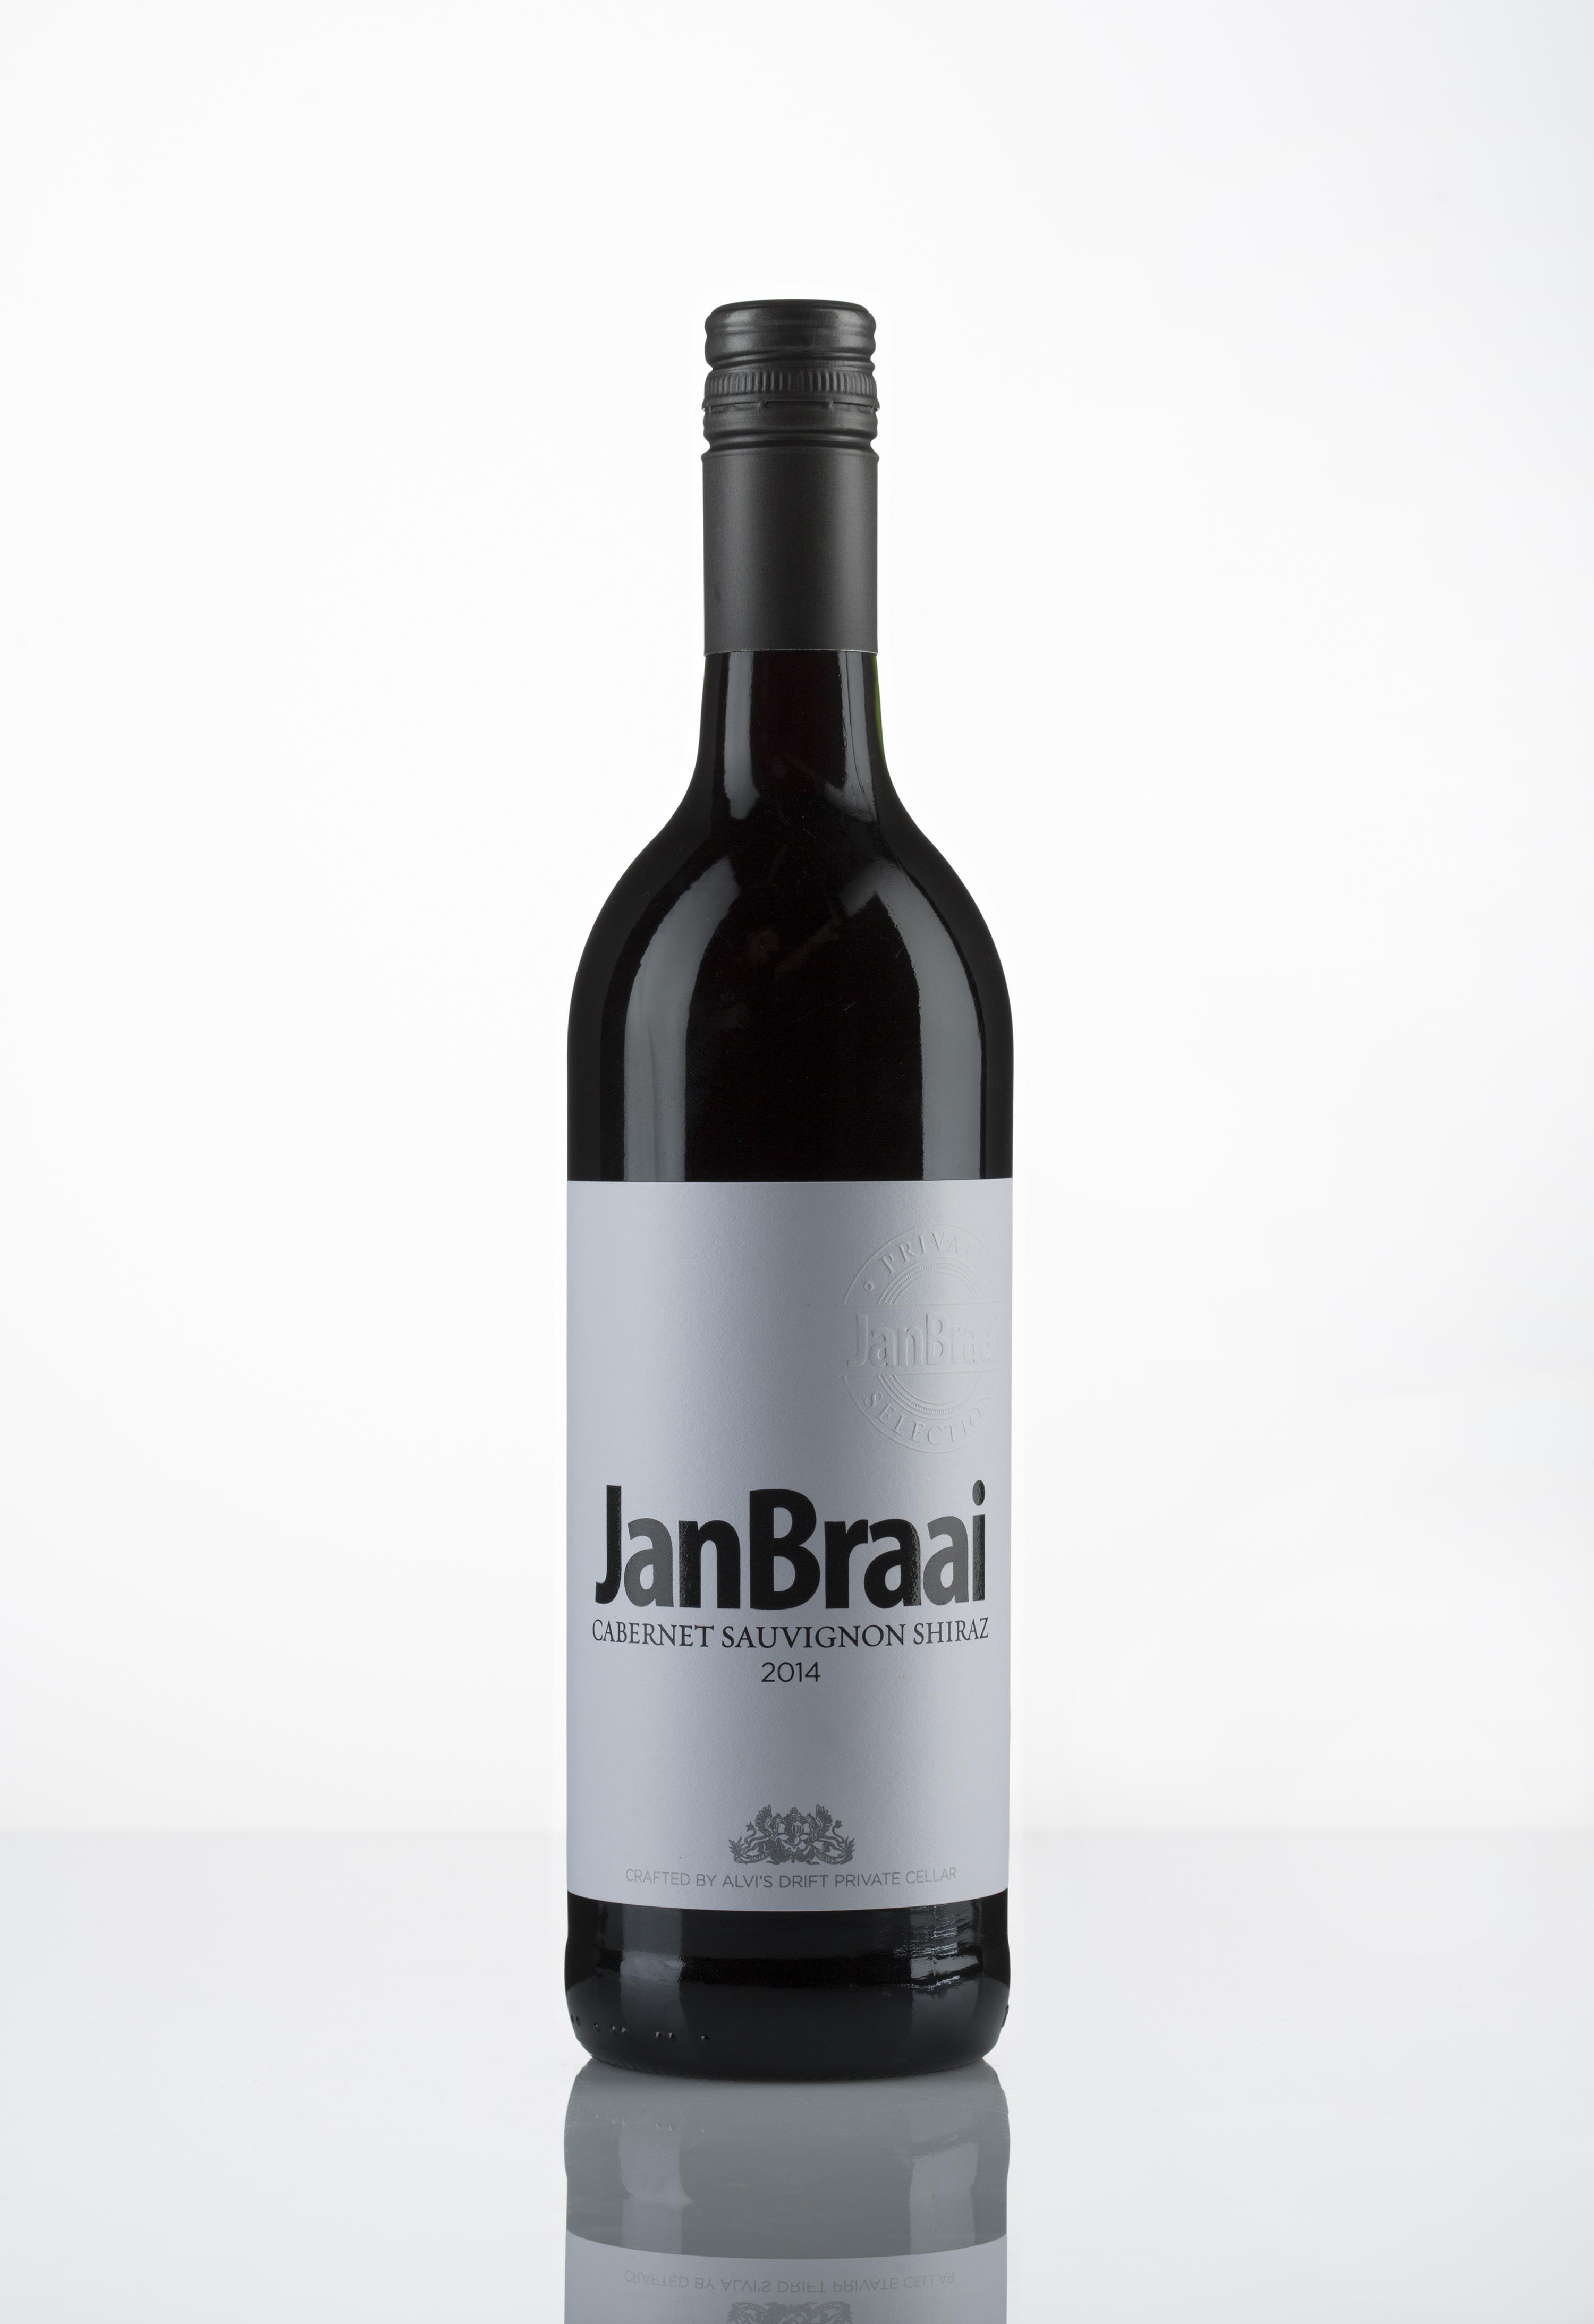 MARK-JanBraai